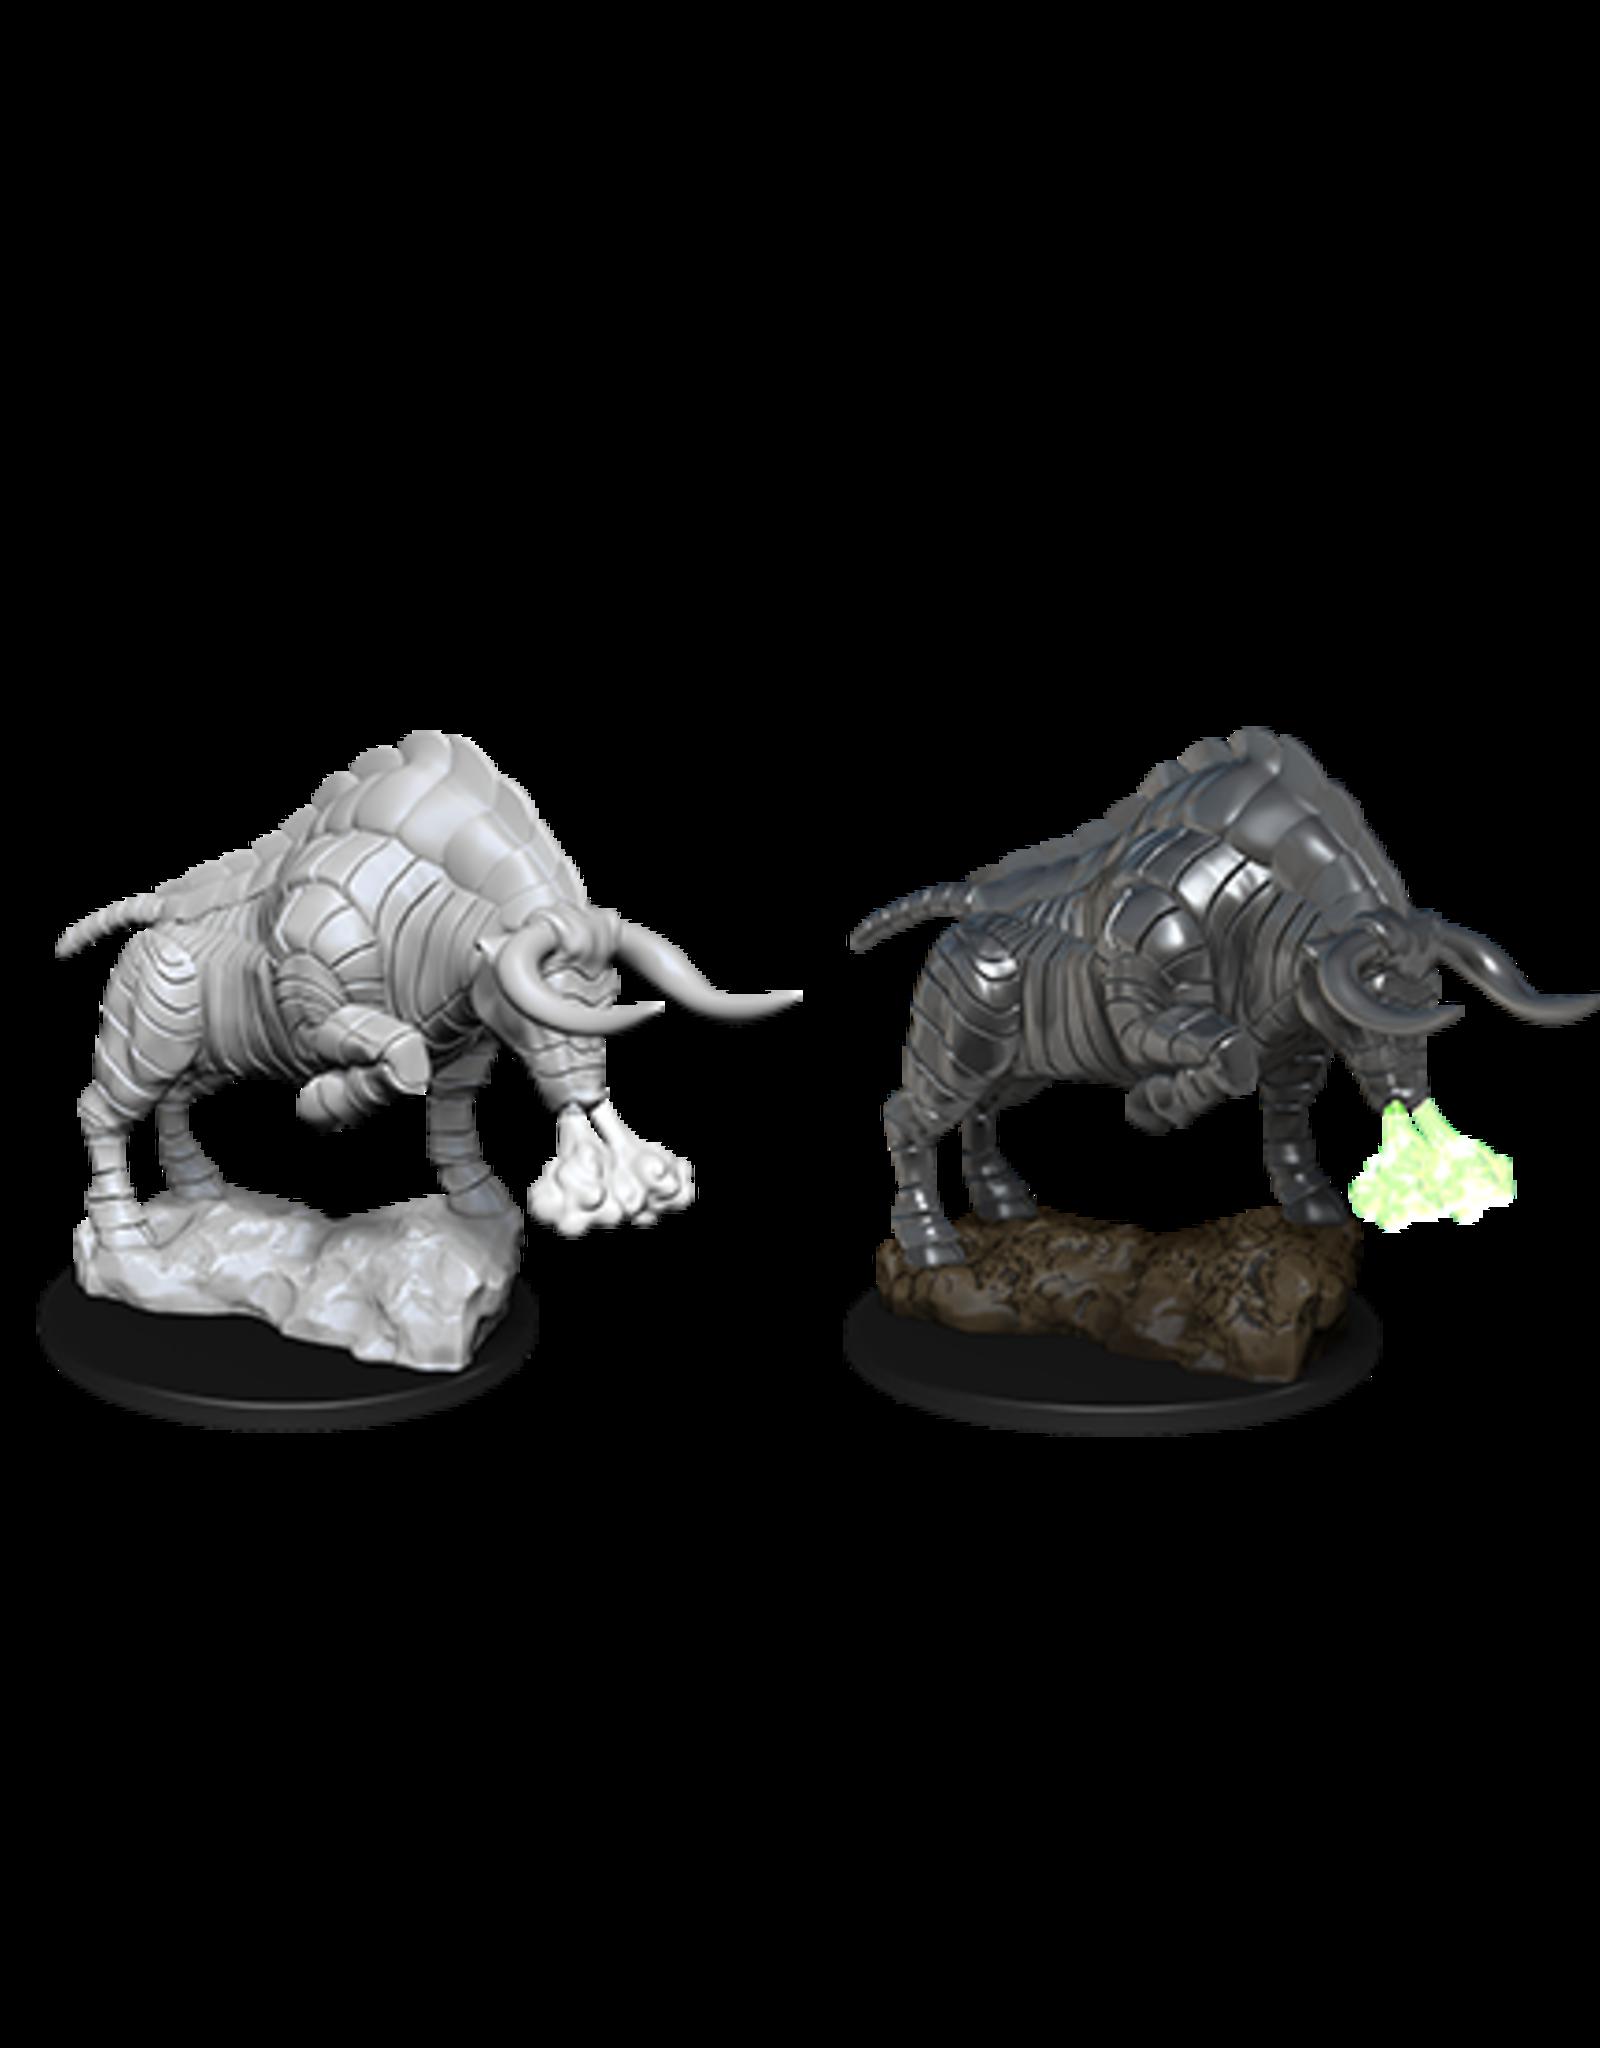 Nolzur's Marvelous Miniatures D&D D&D NMU - Gorgon (W12)